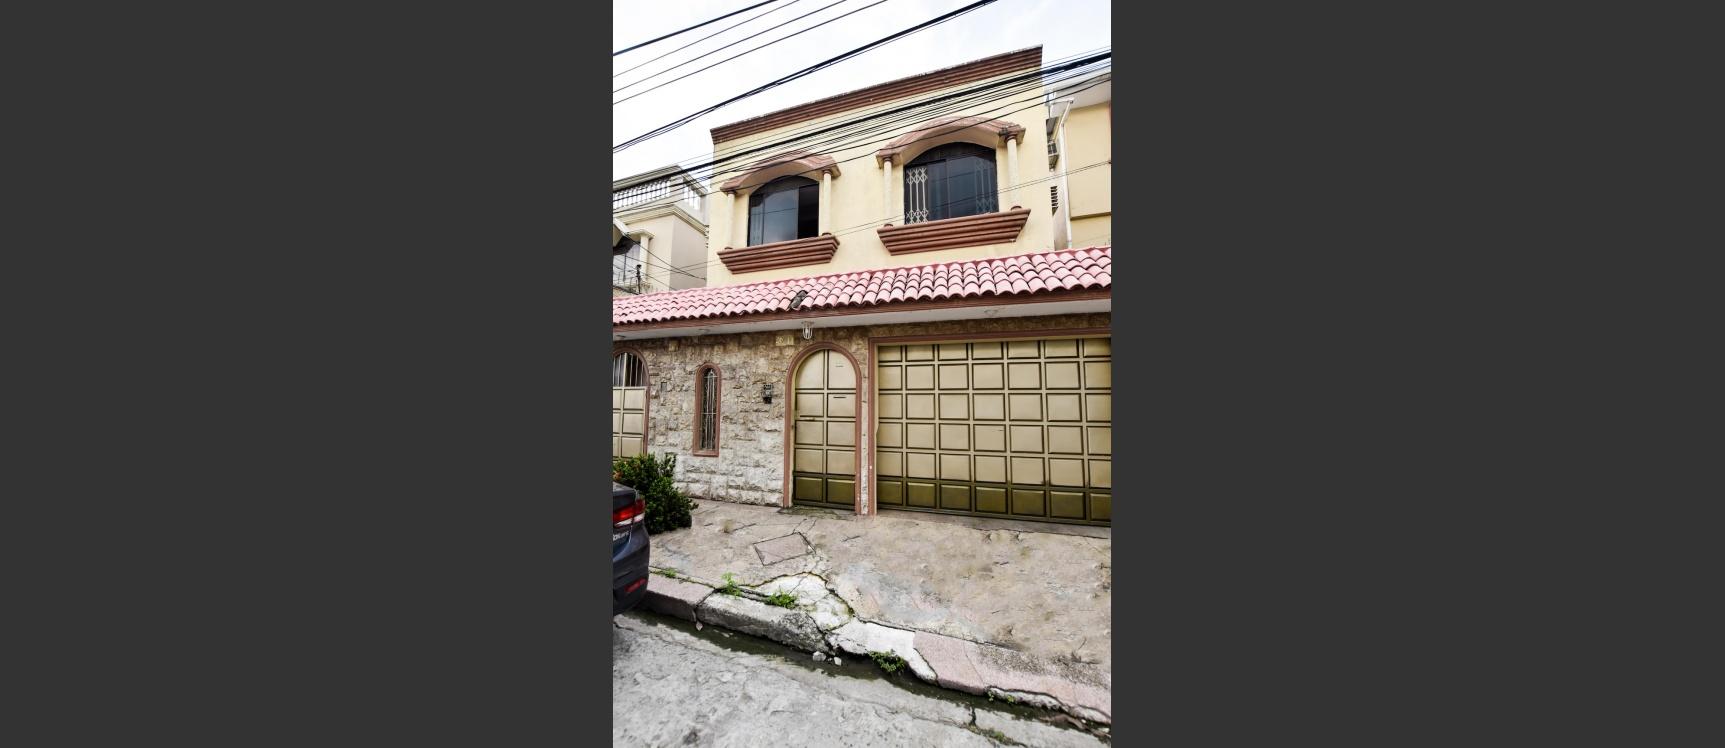 GeoBienes - Casa en venta ubicada en Bellavista - Plusvalia Guayaquil Casas de venta y alquiler Inmobiliaria Ecuador